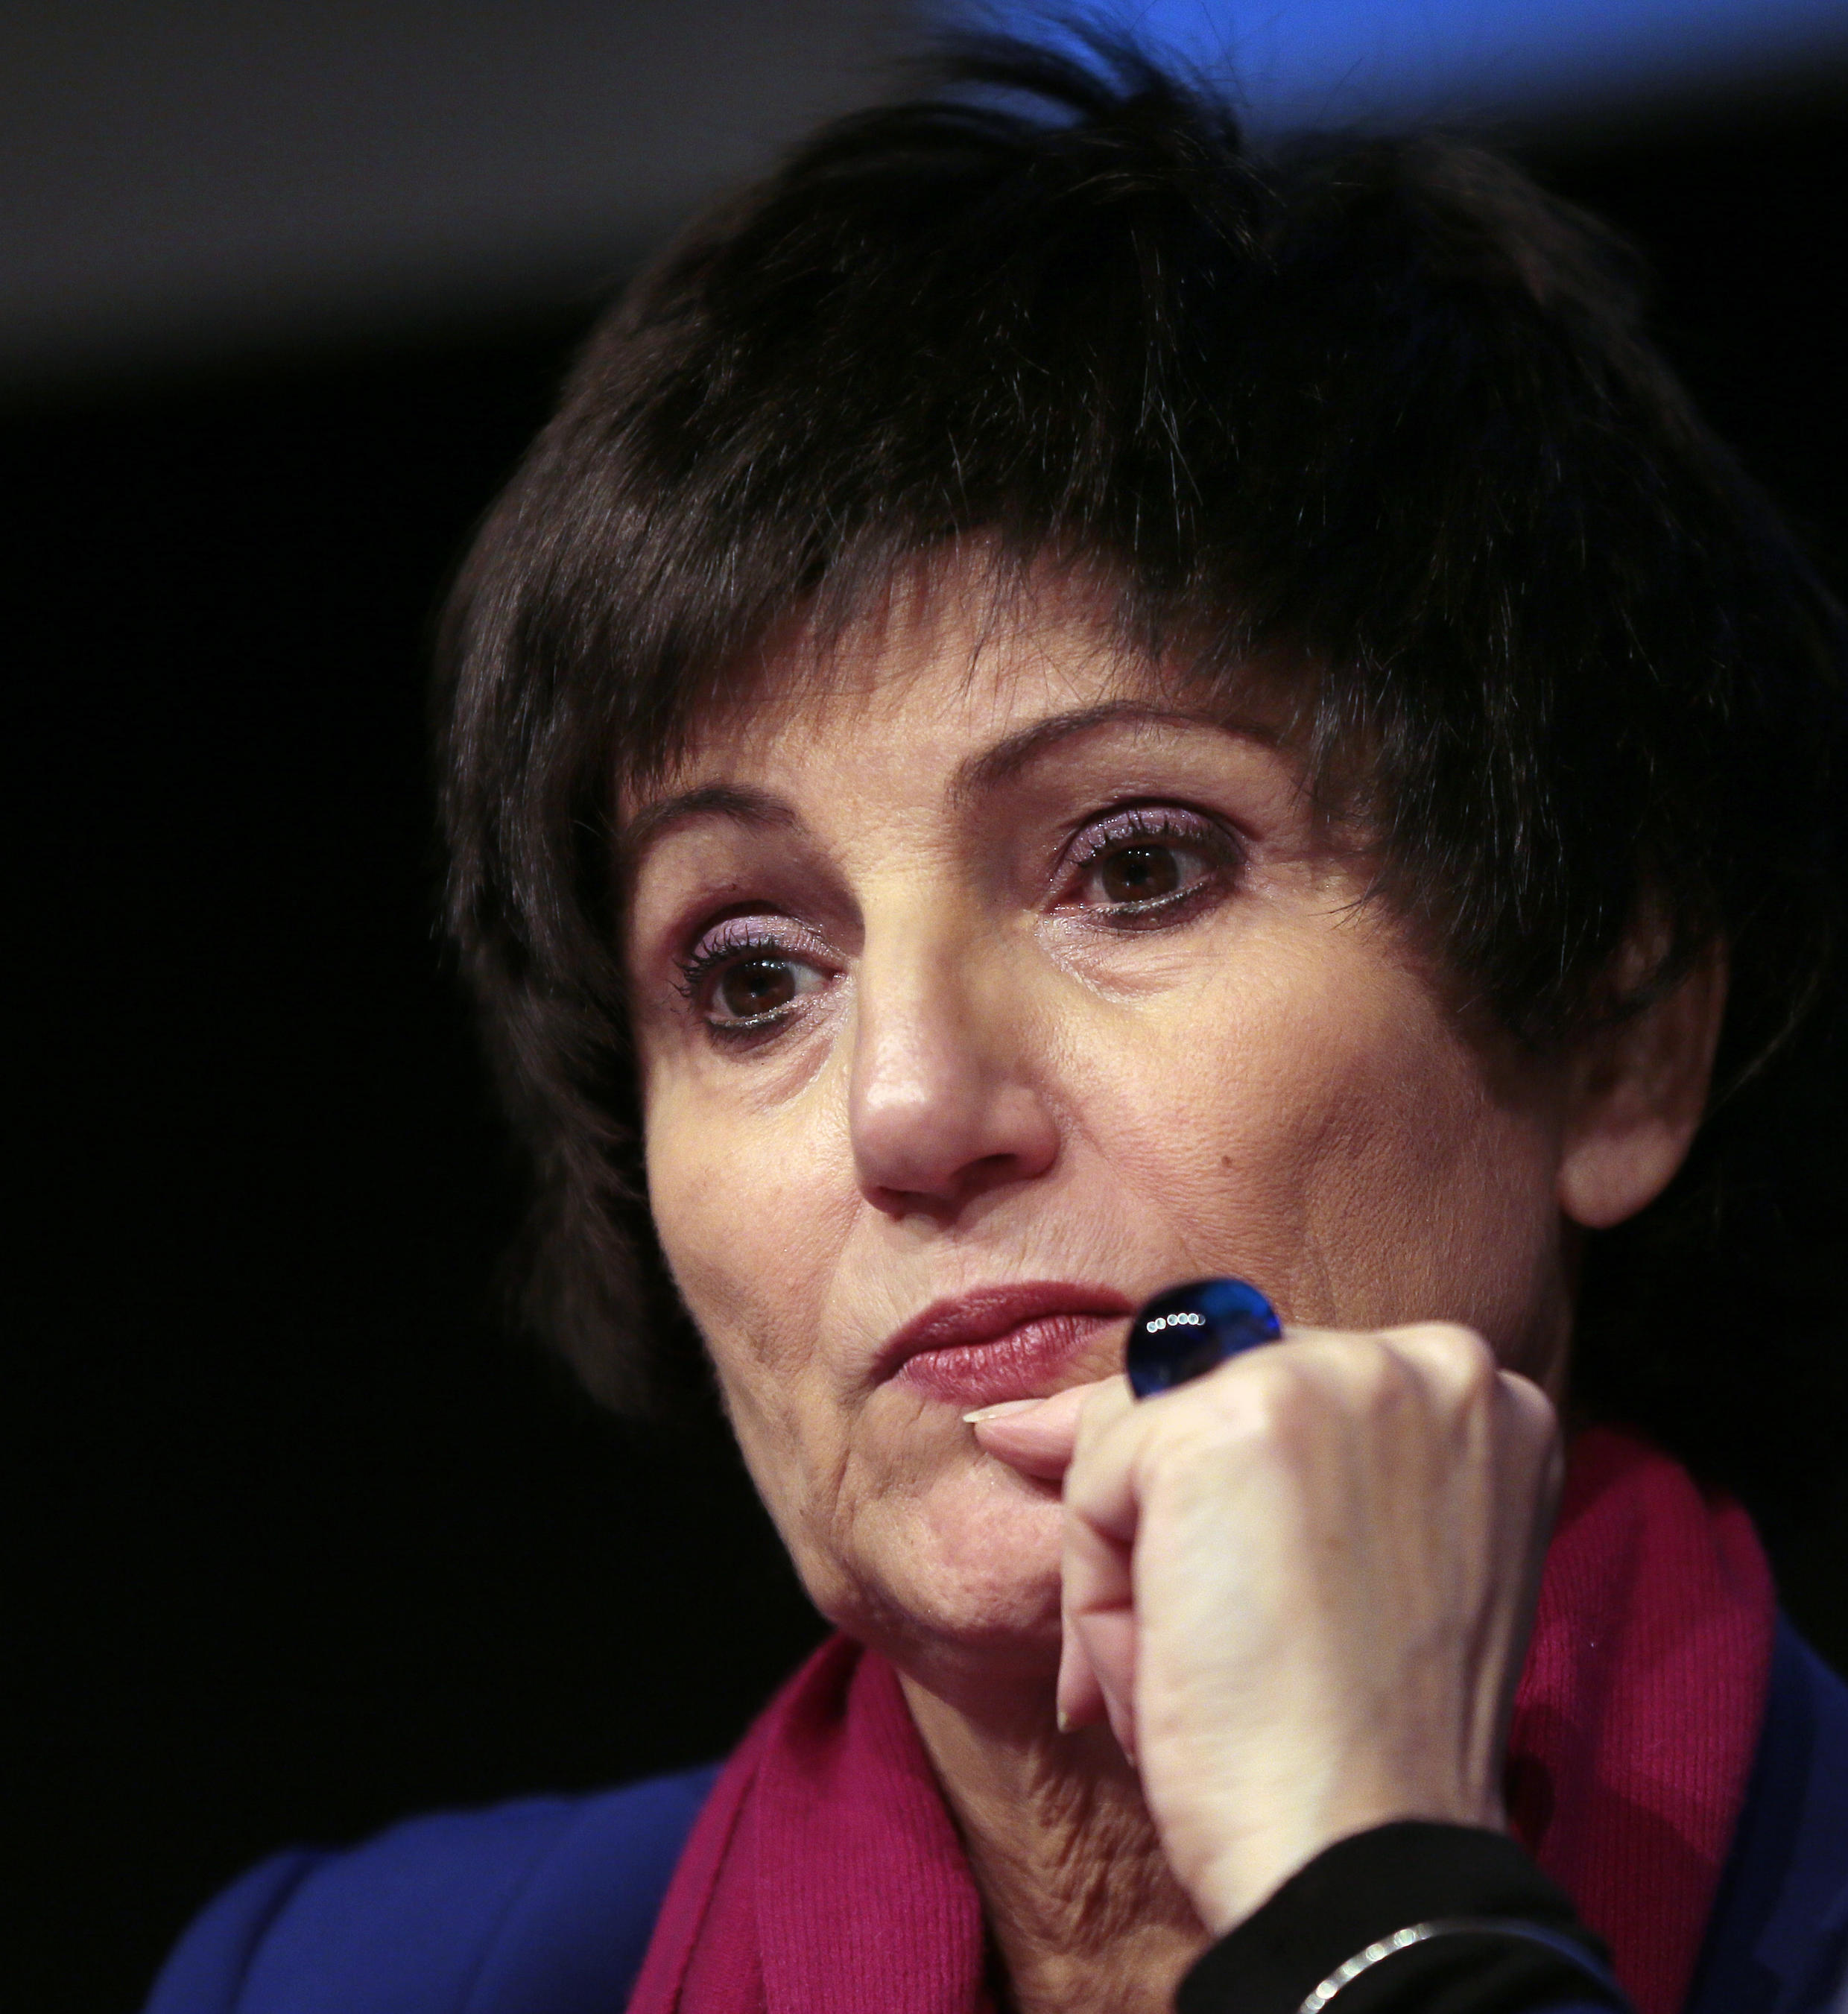 法国政府中负责家庭事务的部长级代表柏提诺蒂女士 巴黎 2013年11月20日